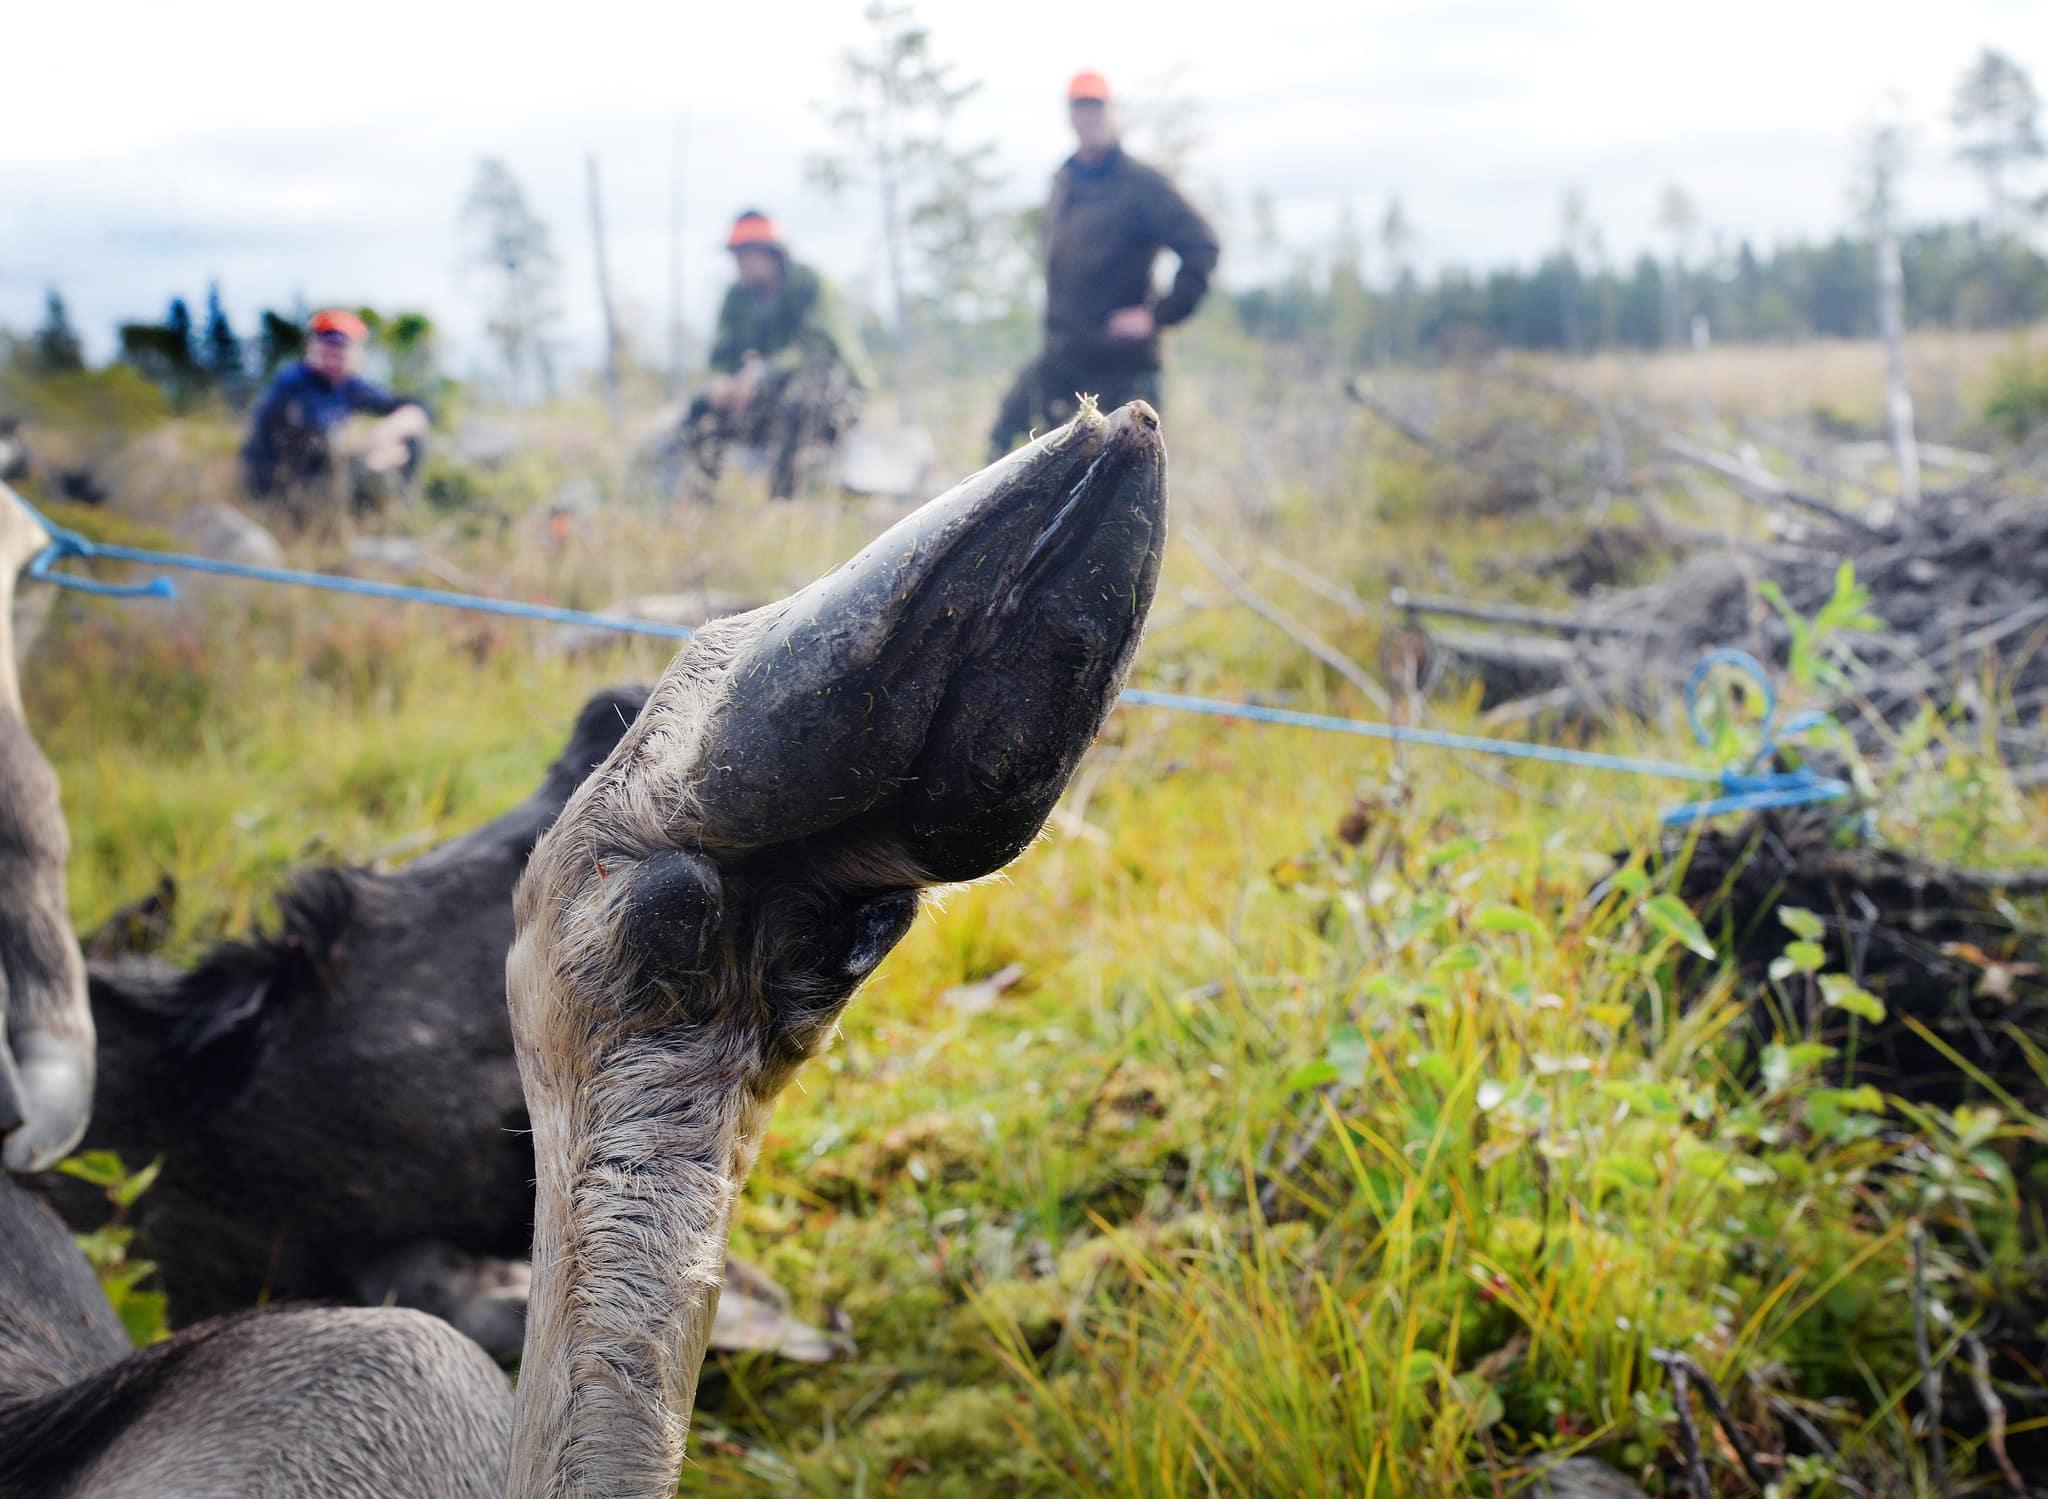 Det diskuteras nu på allvar att ställa in älgjakten i stora delar av Värmland på grund av den stora vargstammen. Foto: Lars-Henrik Andersson